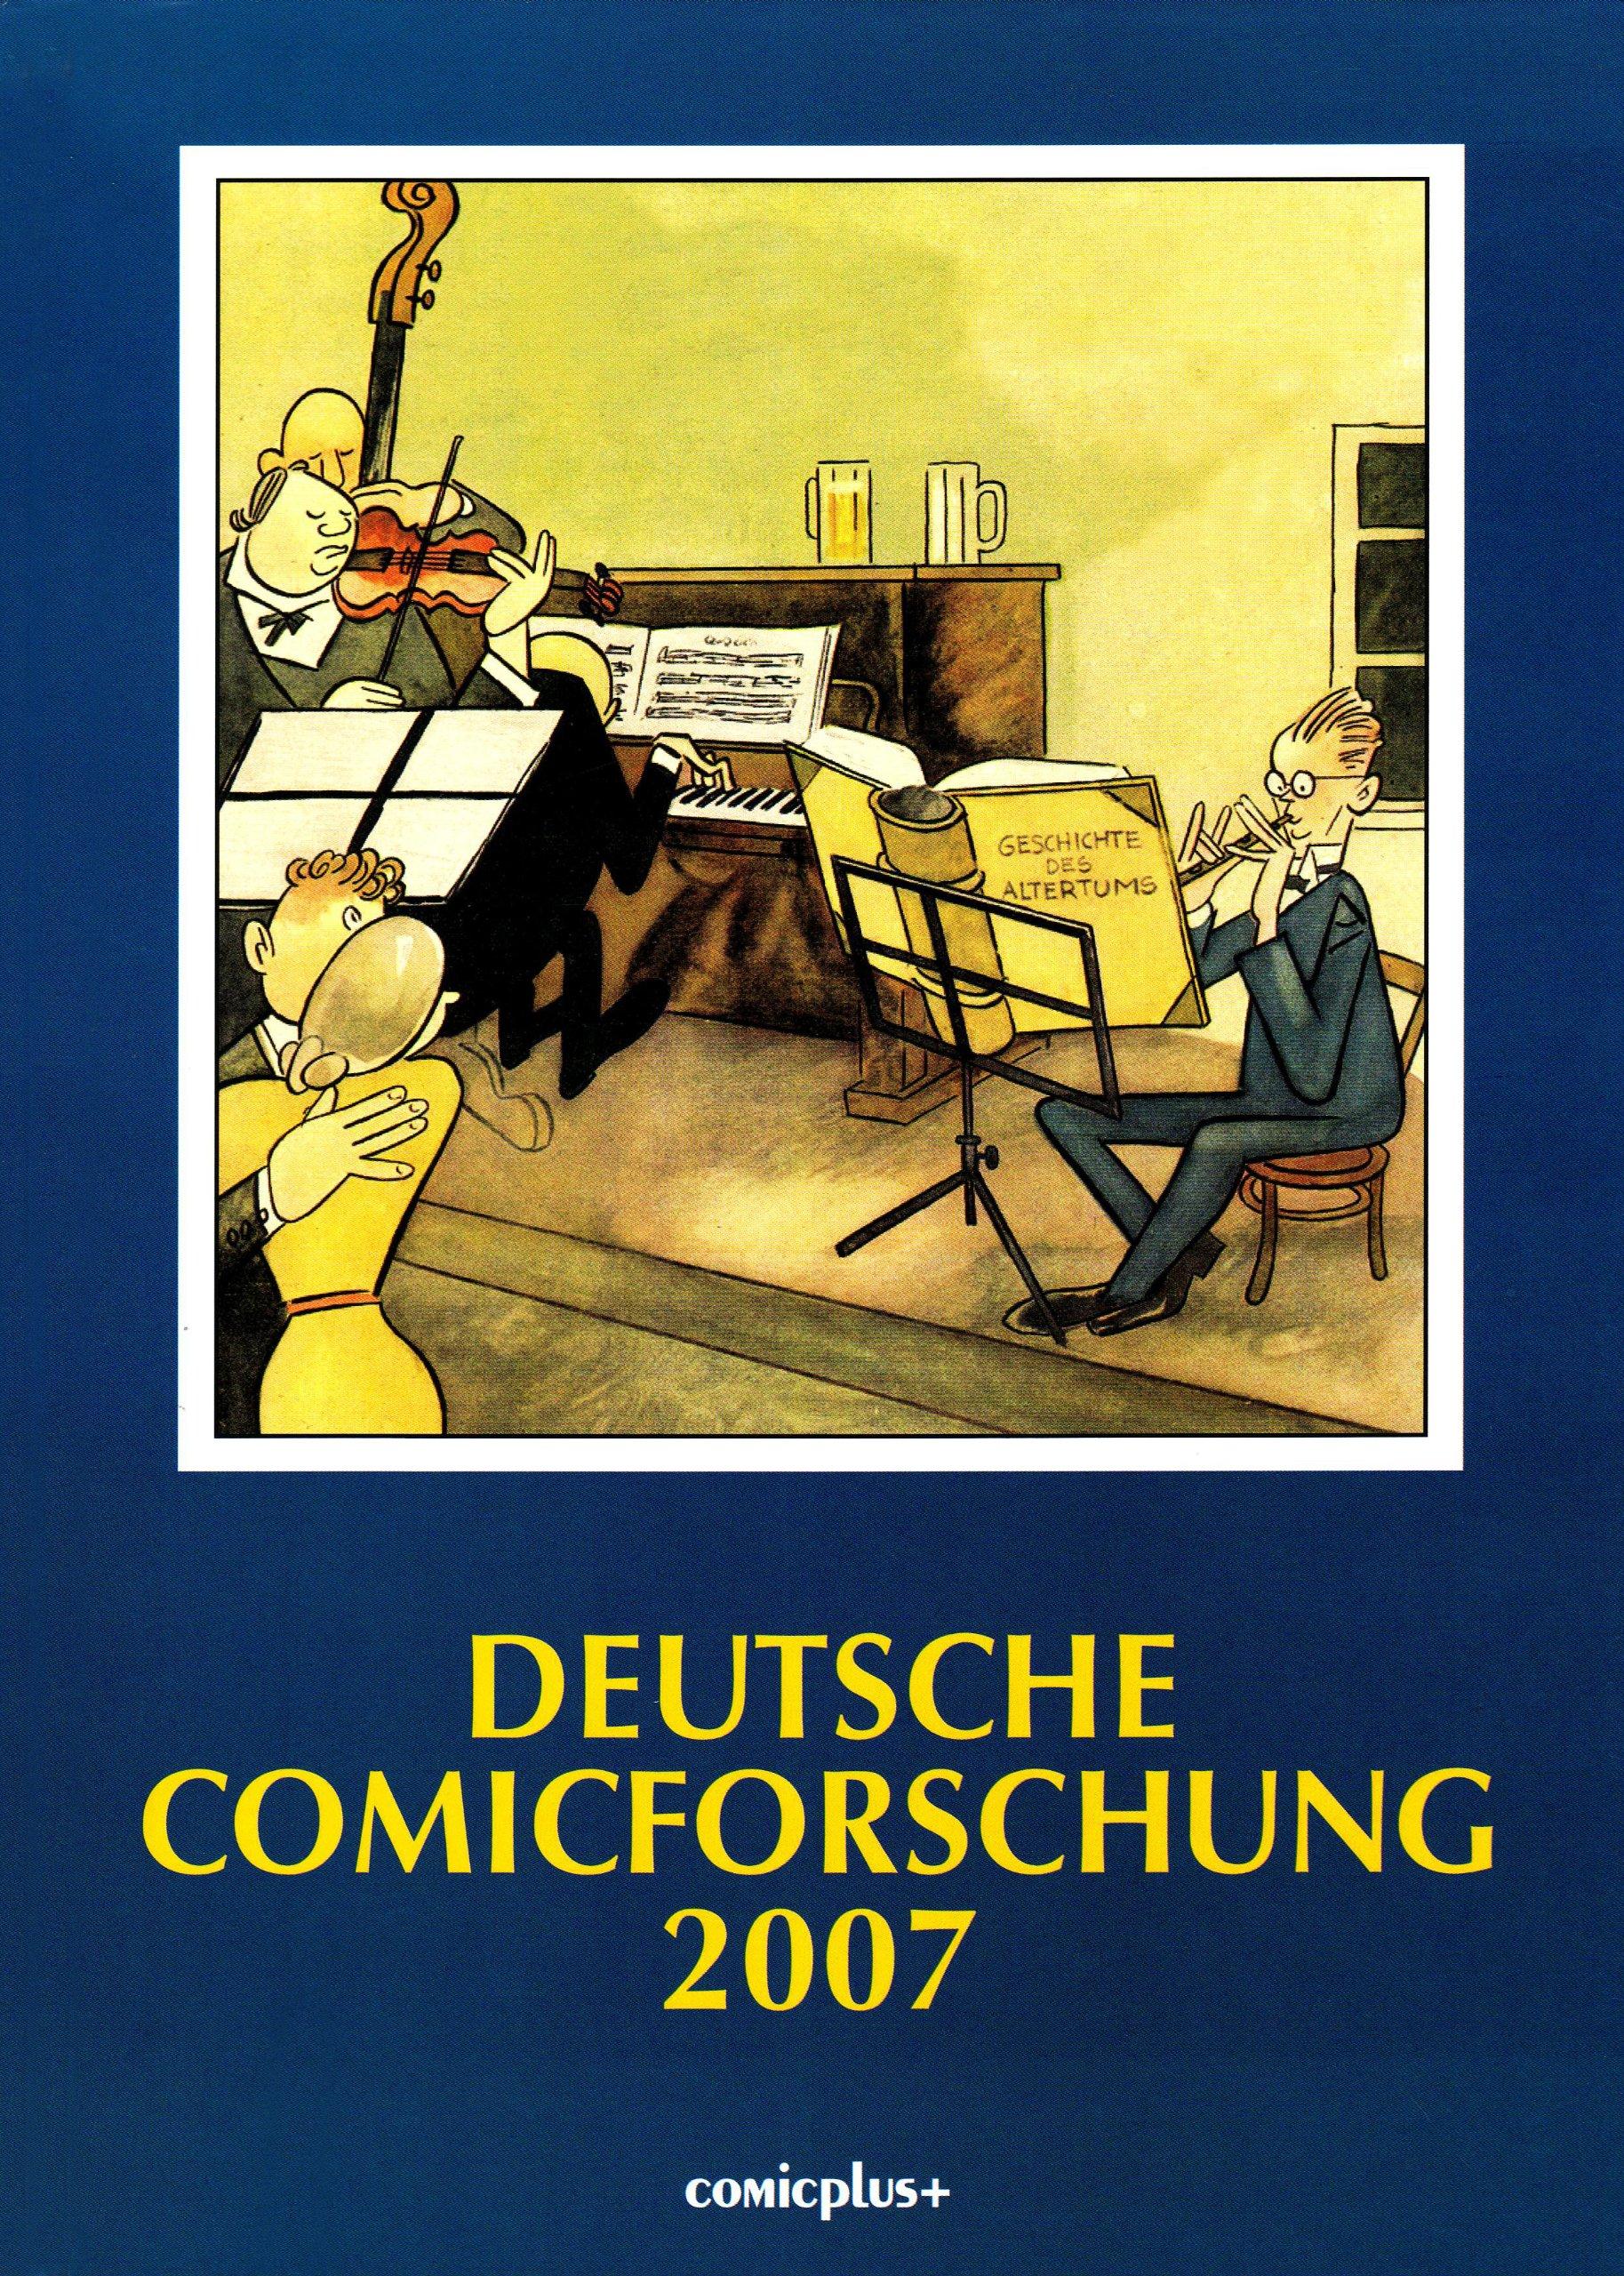 Deutsche Comicforschung 2007 Gebundenes Buch – Dezember 2006 Eckart Sackmann comicplus+ 3894741686 Belletristik